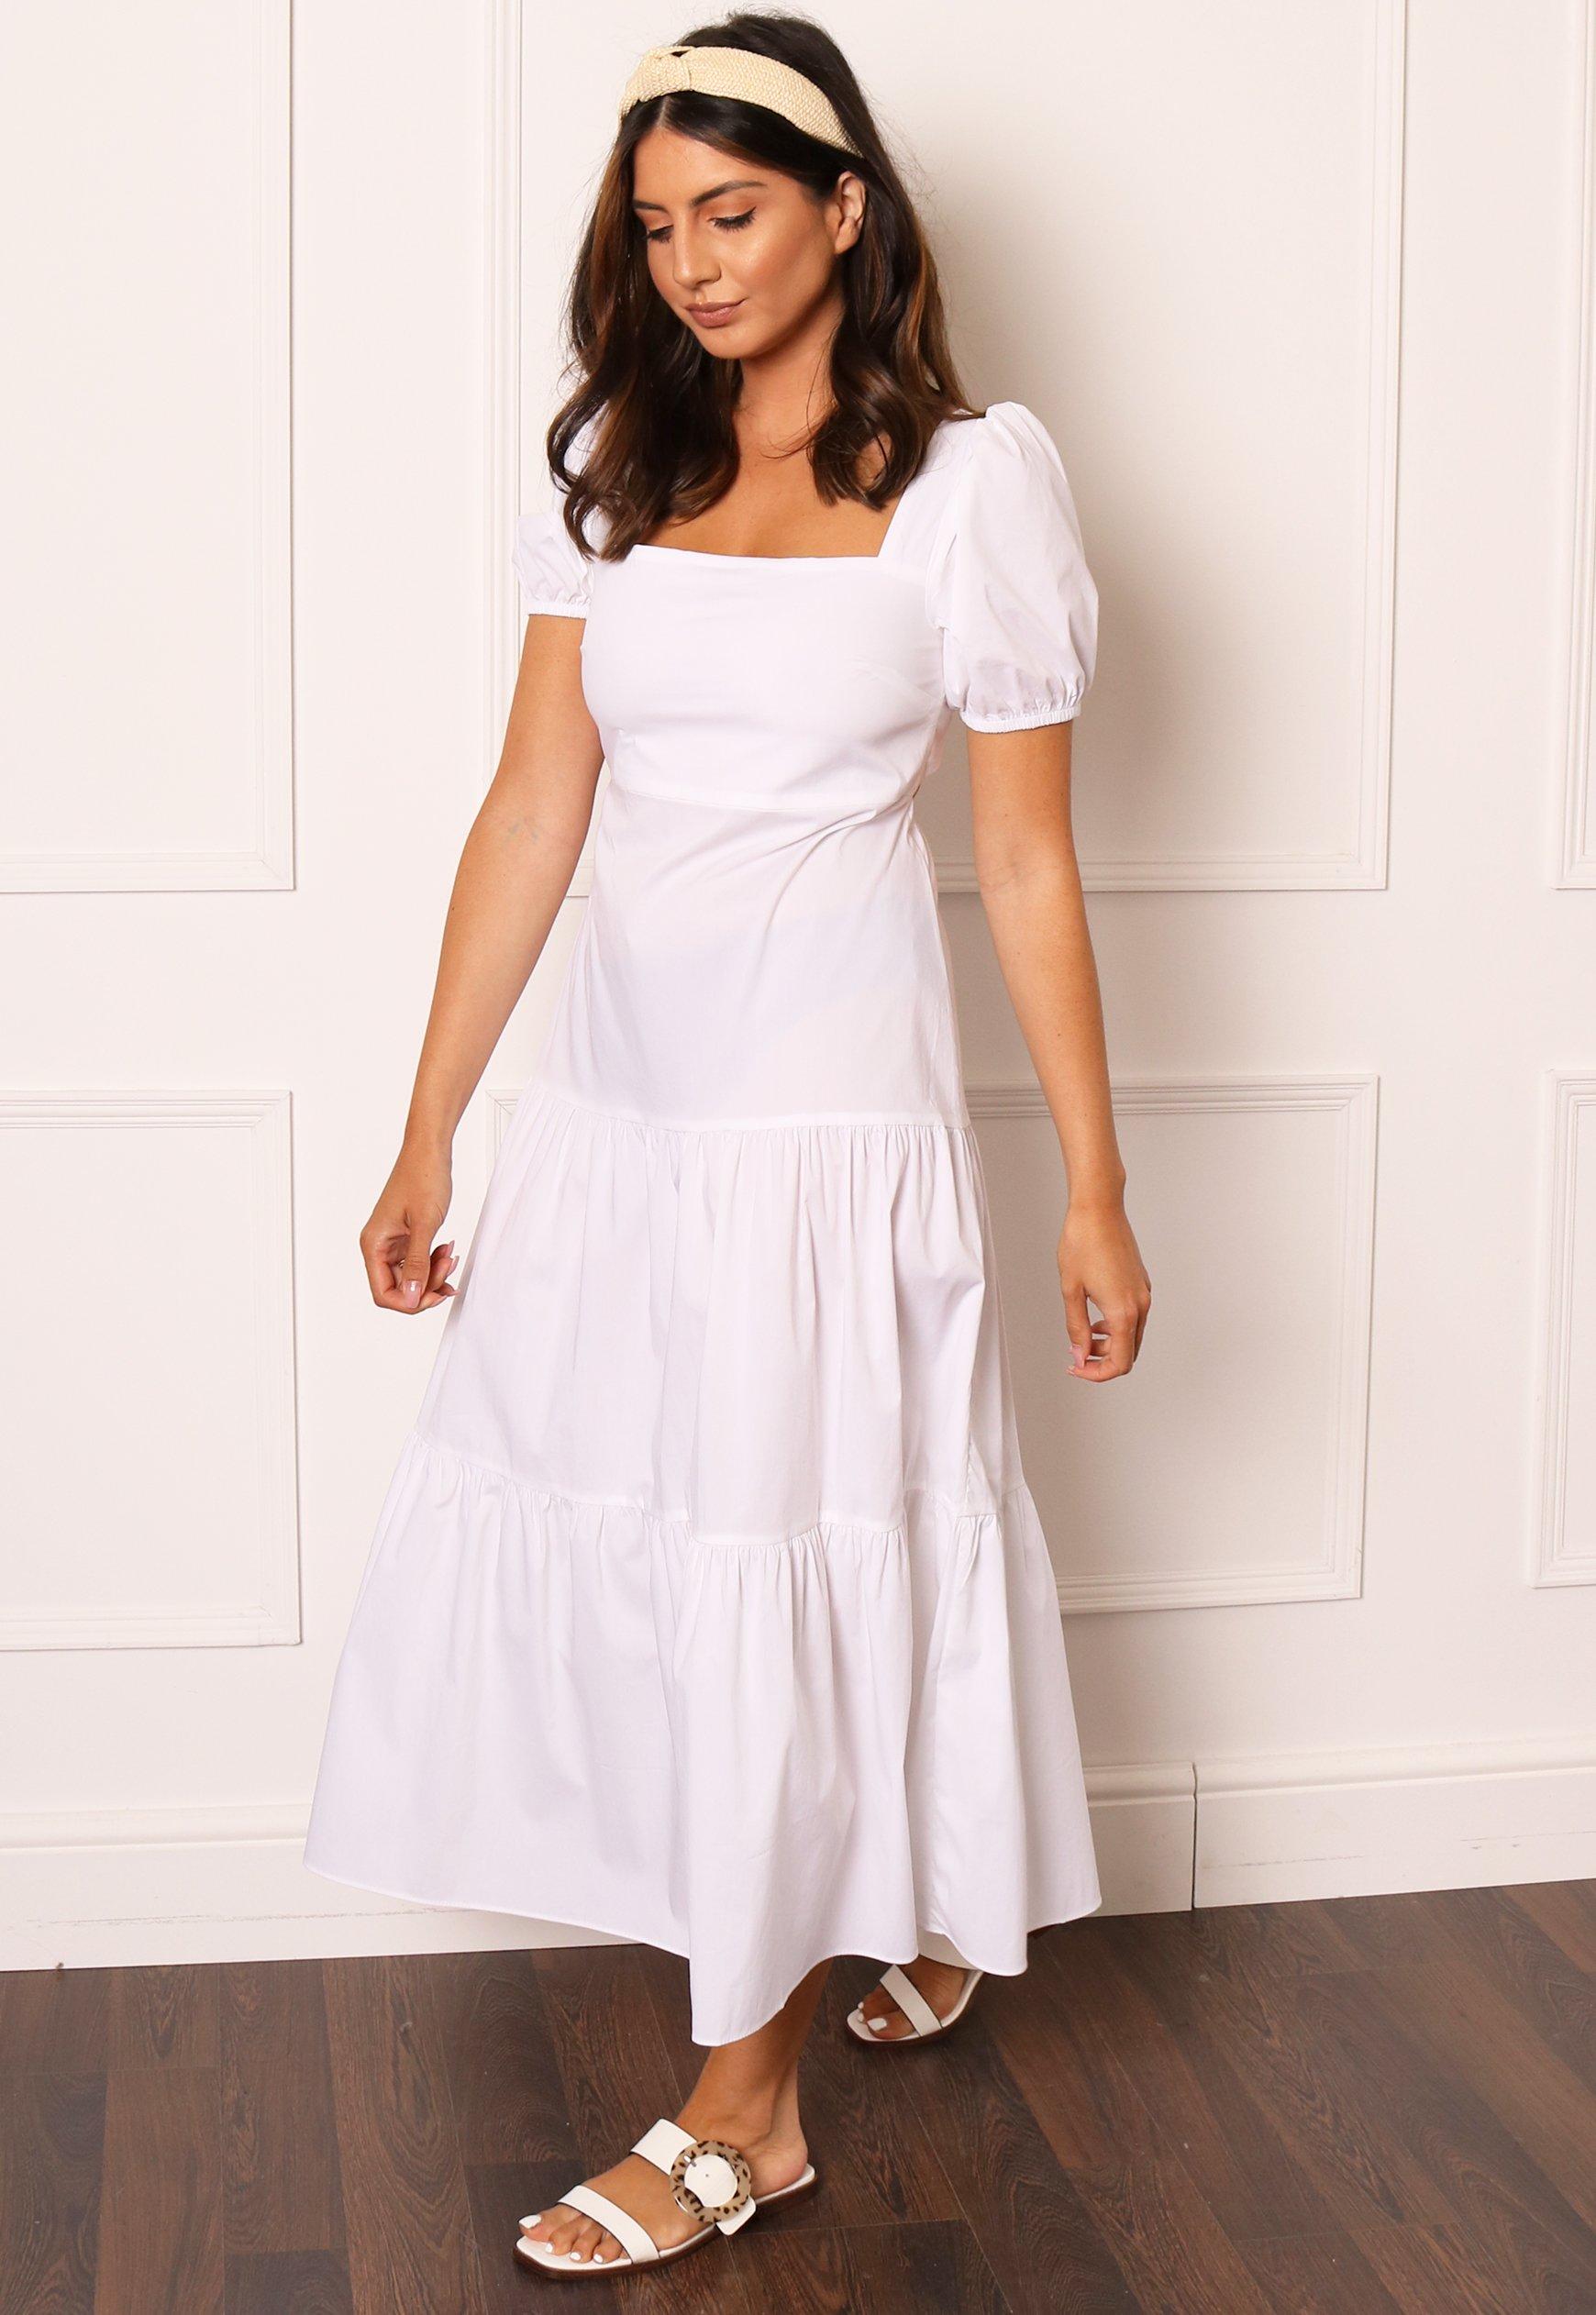 Stil vit utklädd klänning